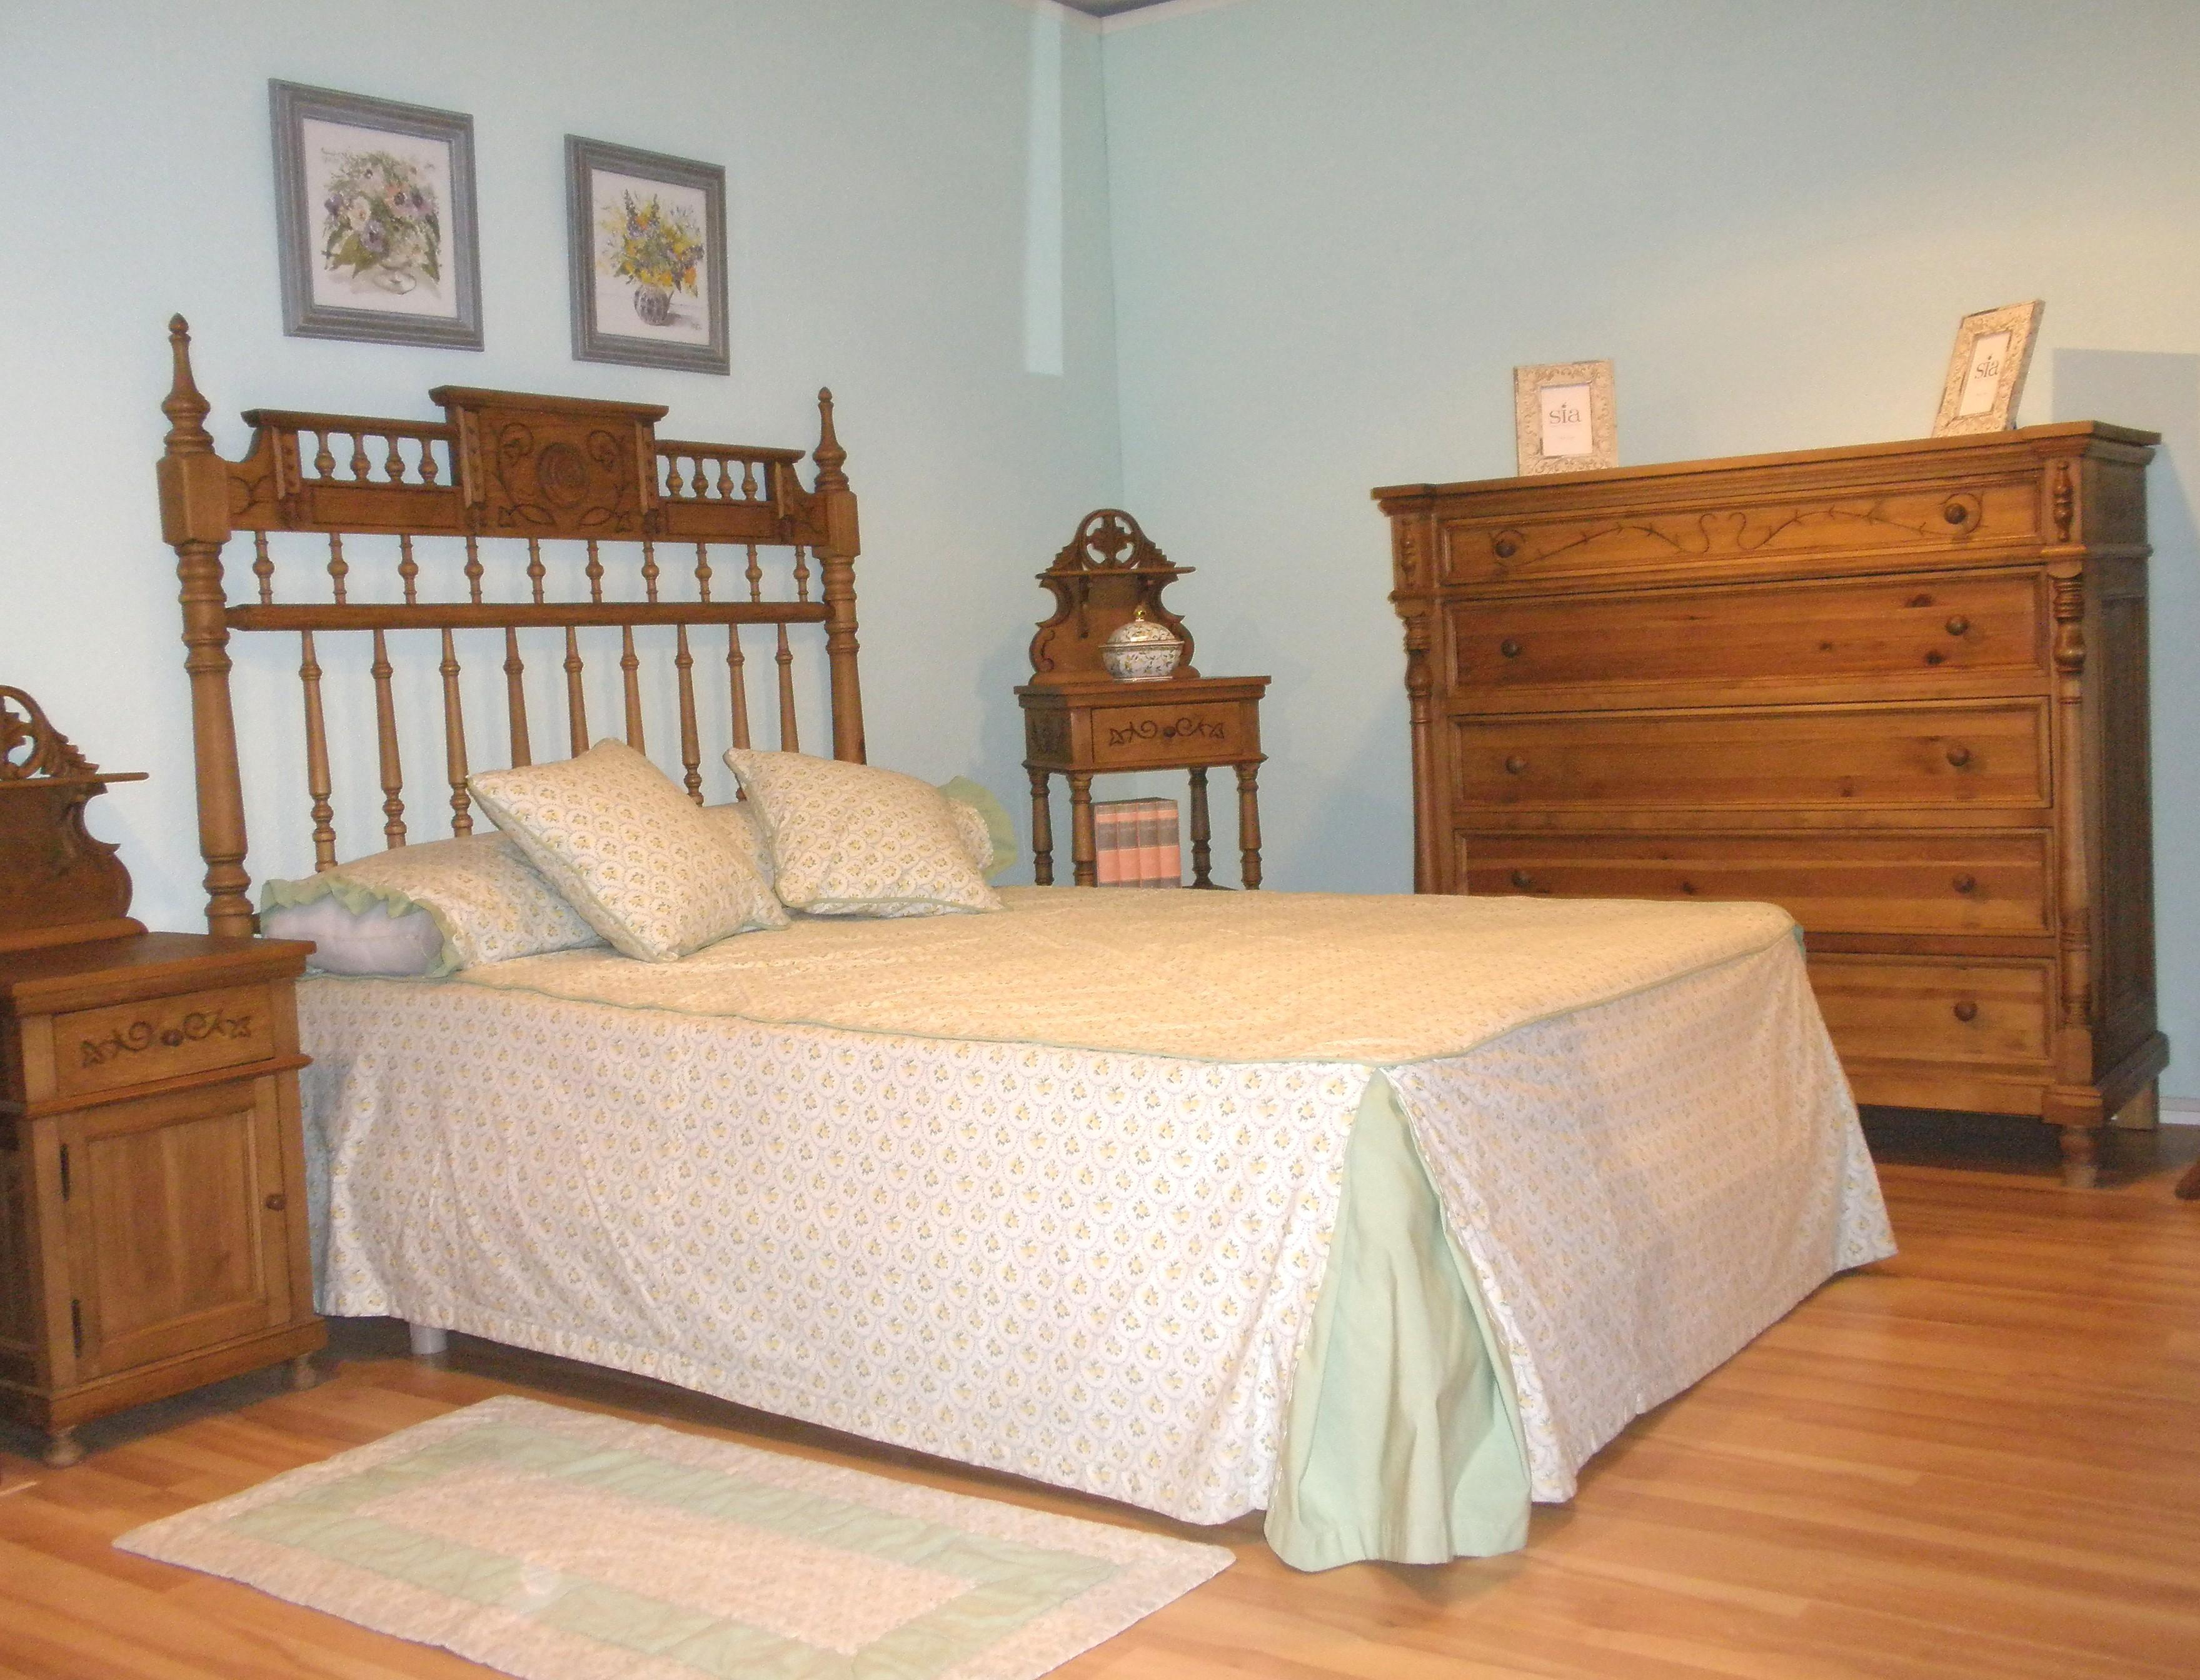 Dormitorios Coloniales Y Cl Sicos Muebles Comar # Muebles Duruelo De La Sierra